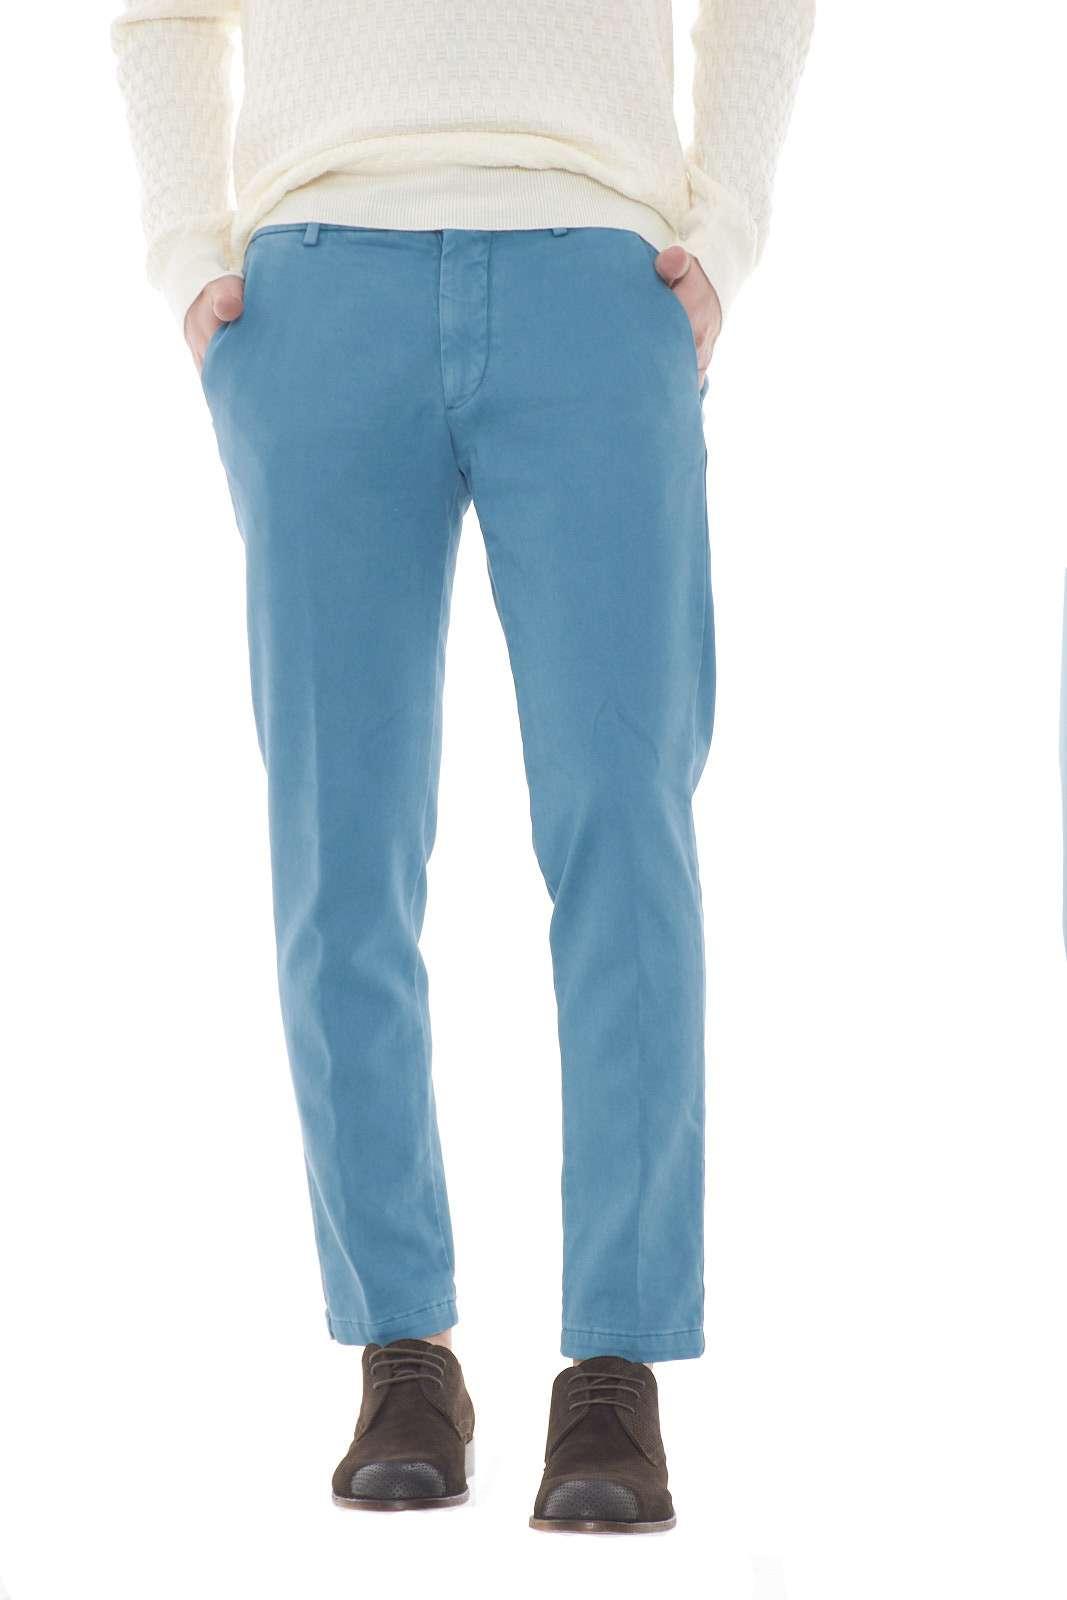 Un pantalone dal modello capri con un fascino indiscusso il BRAD2754 firmato Michael Coal. L'iconico taglio chino è reso unico dalla linea pulita e dalla colorazione tinta unita. Un evergreen.